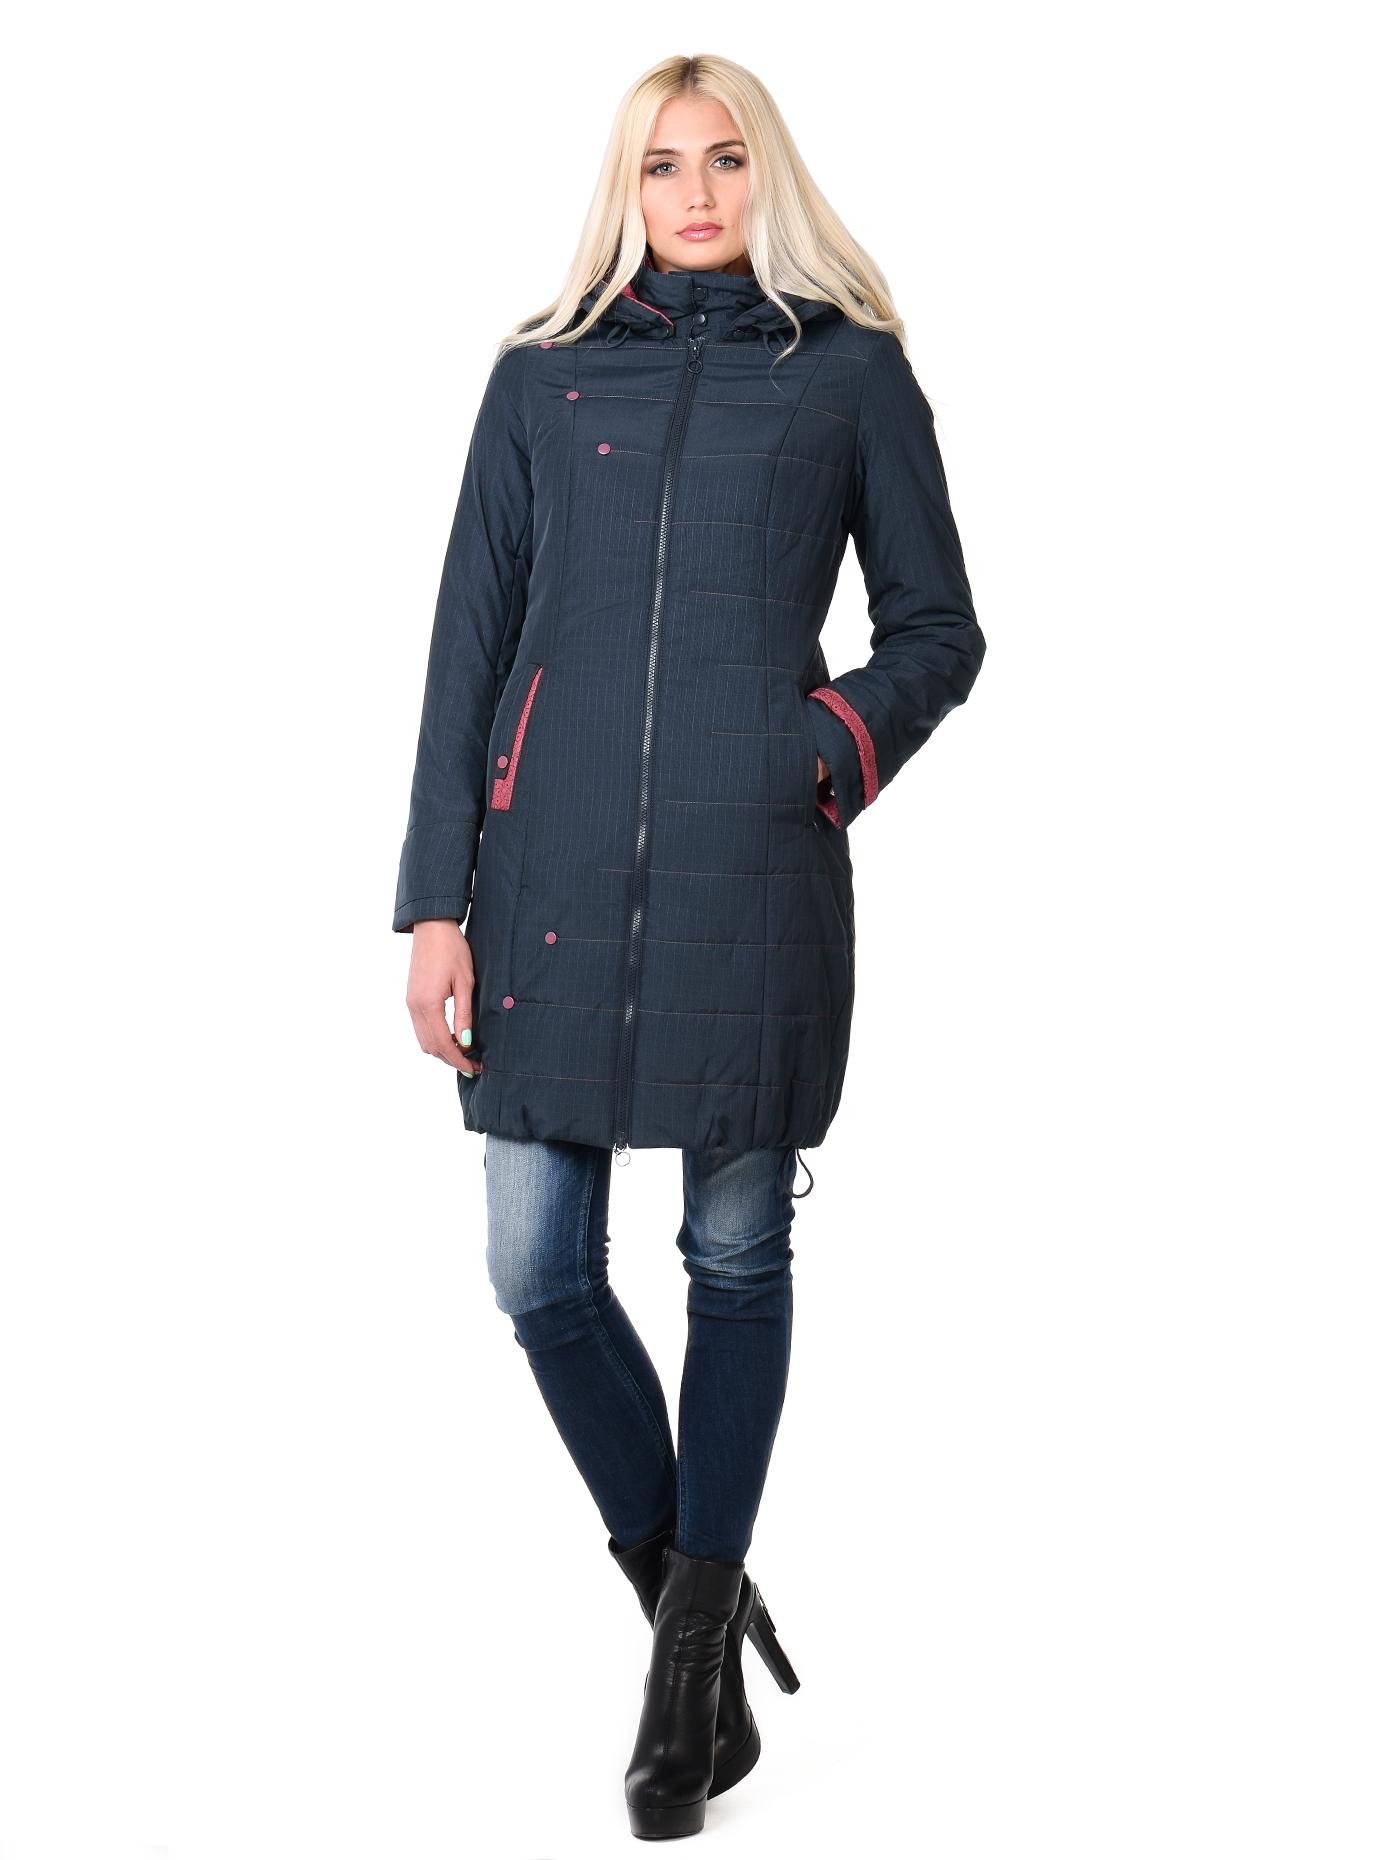 Куртка демисезонная на молнии Тёмно-синий S (03-P19032): фото - Alster.ua